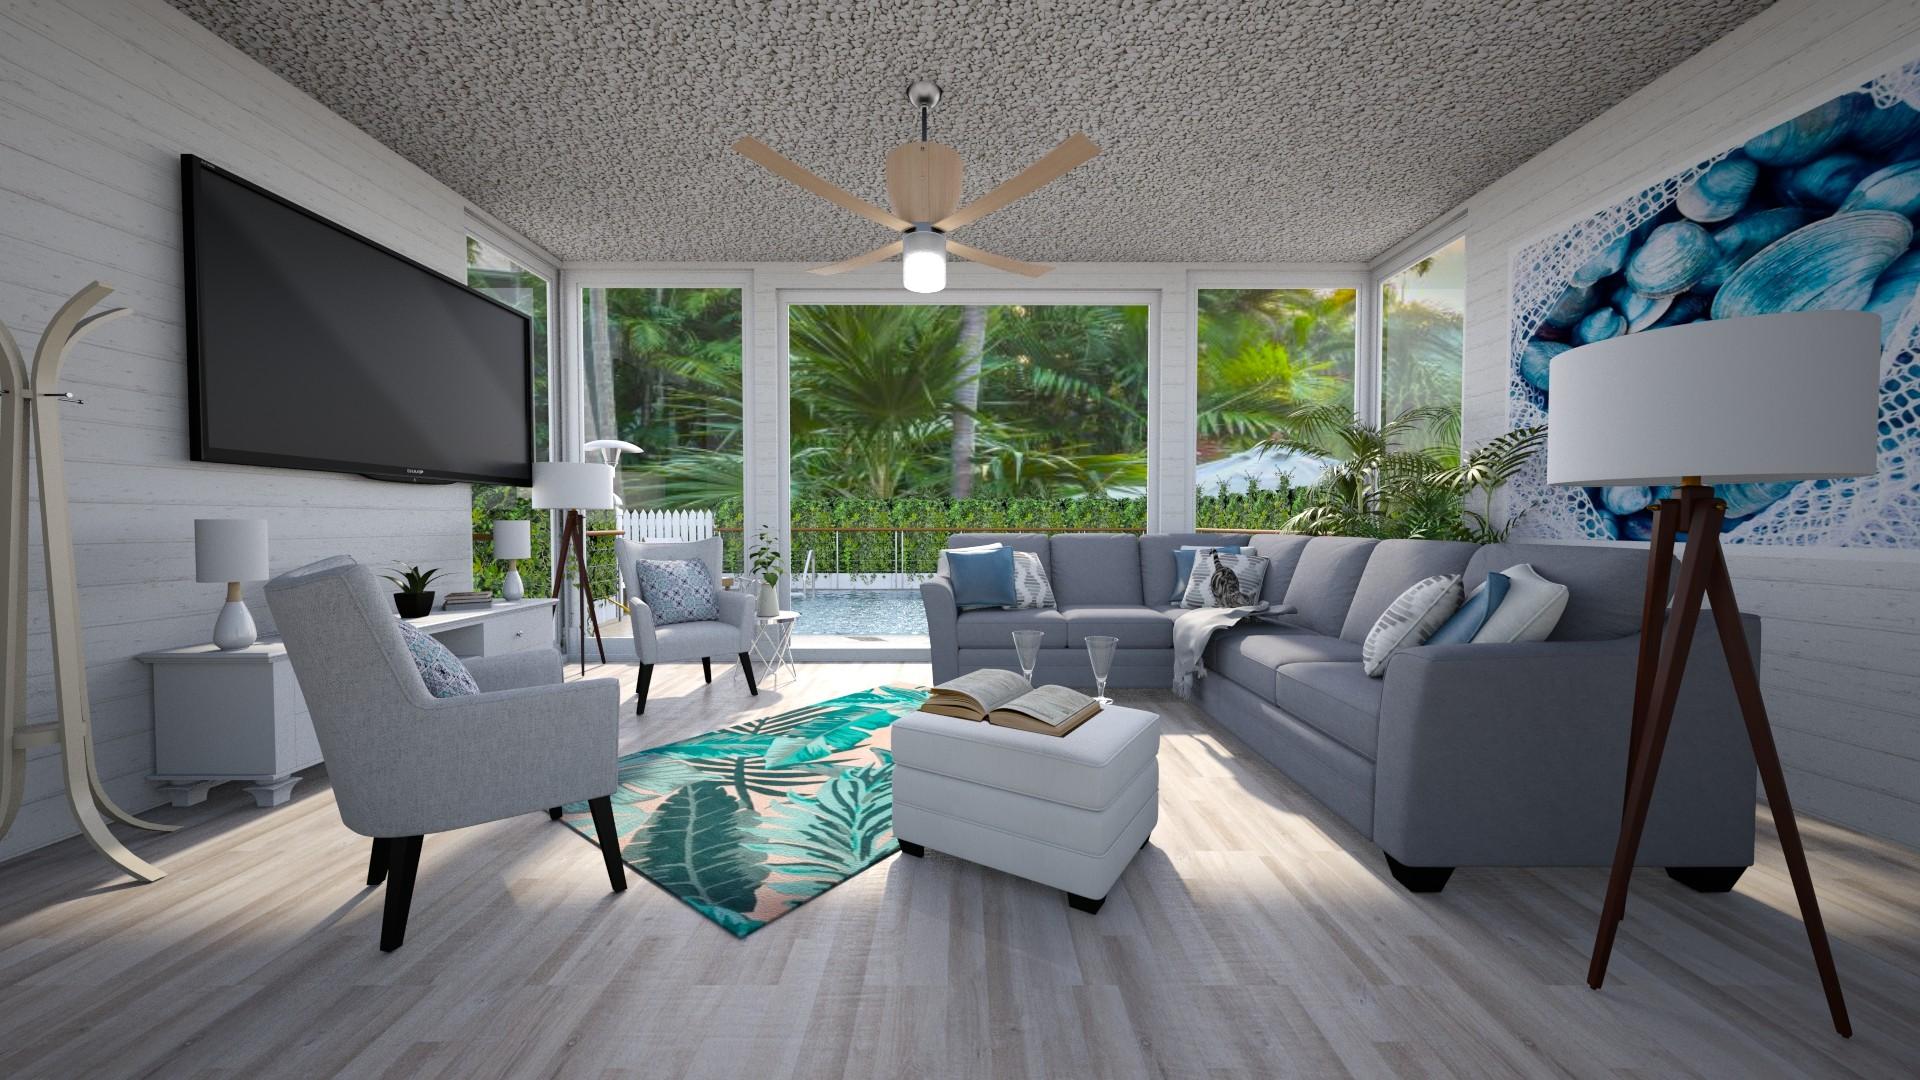 Living Room 1 - Living room  - by Sugarfishfish